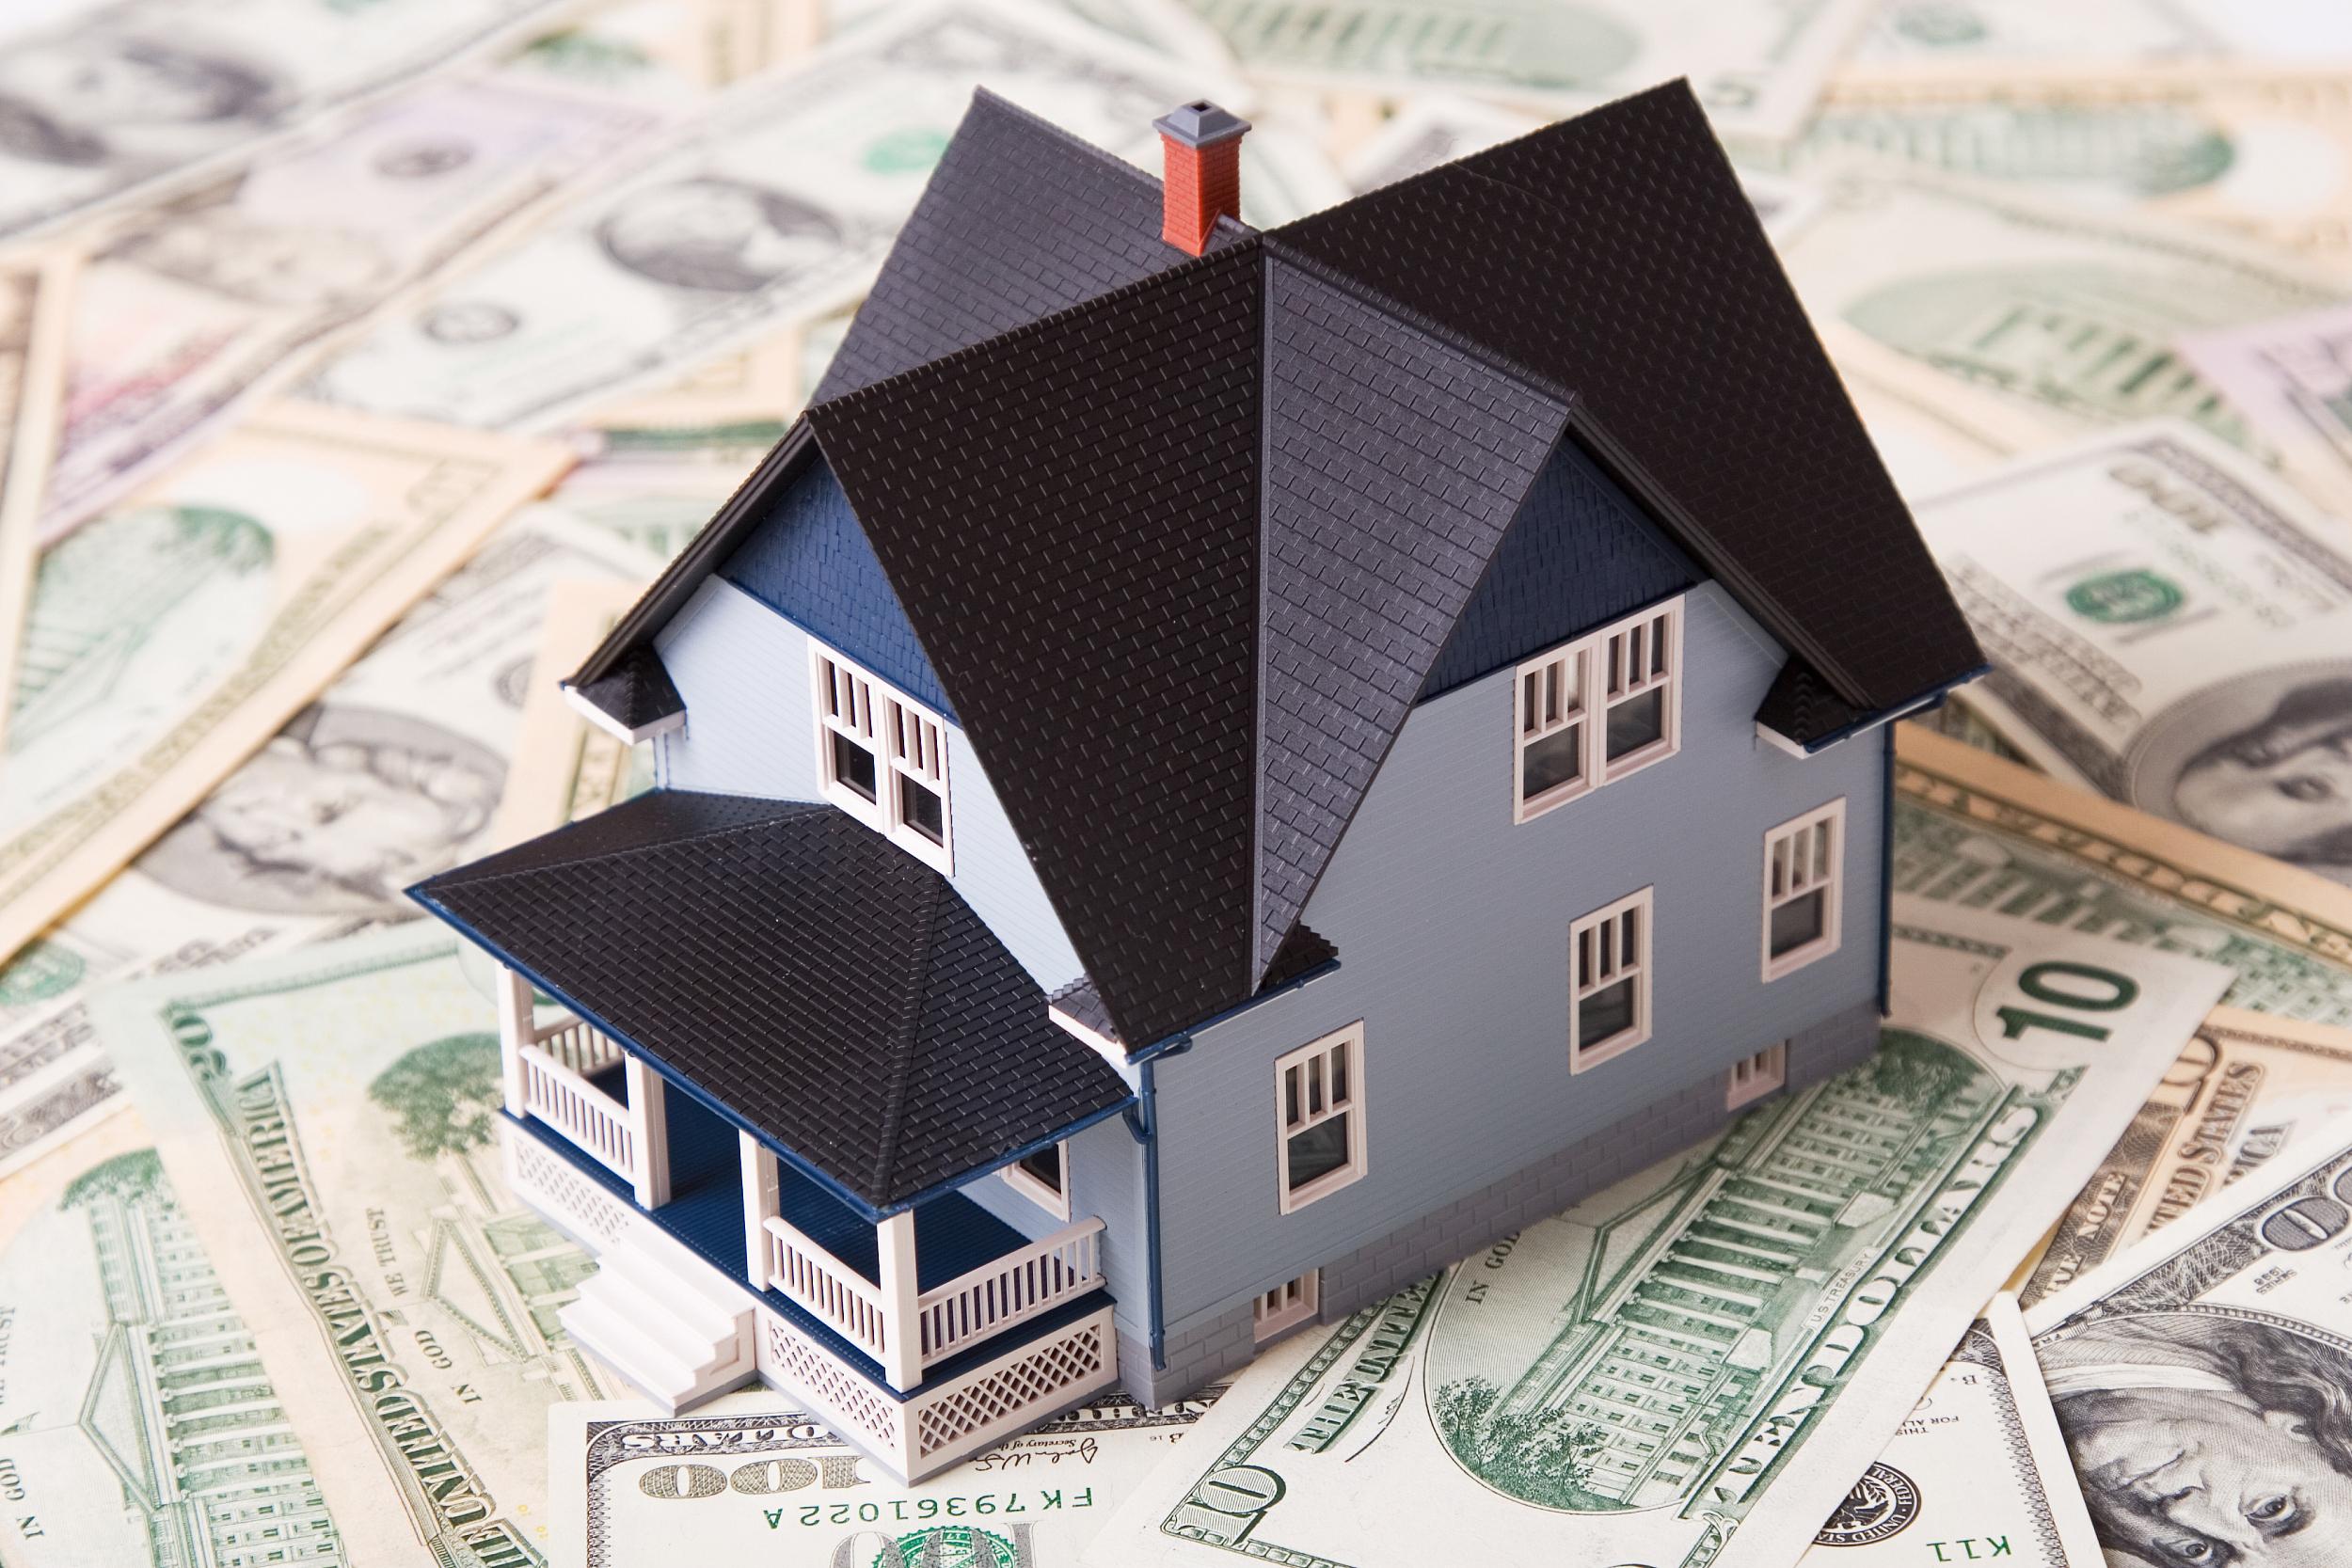 房地产市场预期转向 下半年价格渐回理性